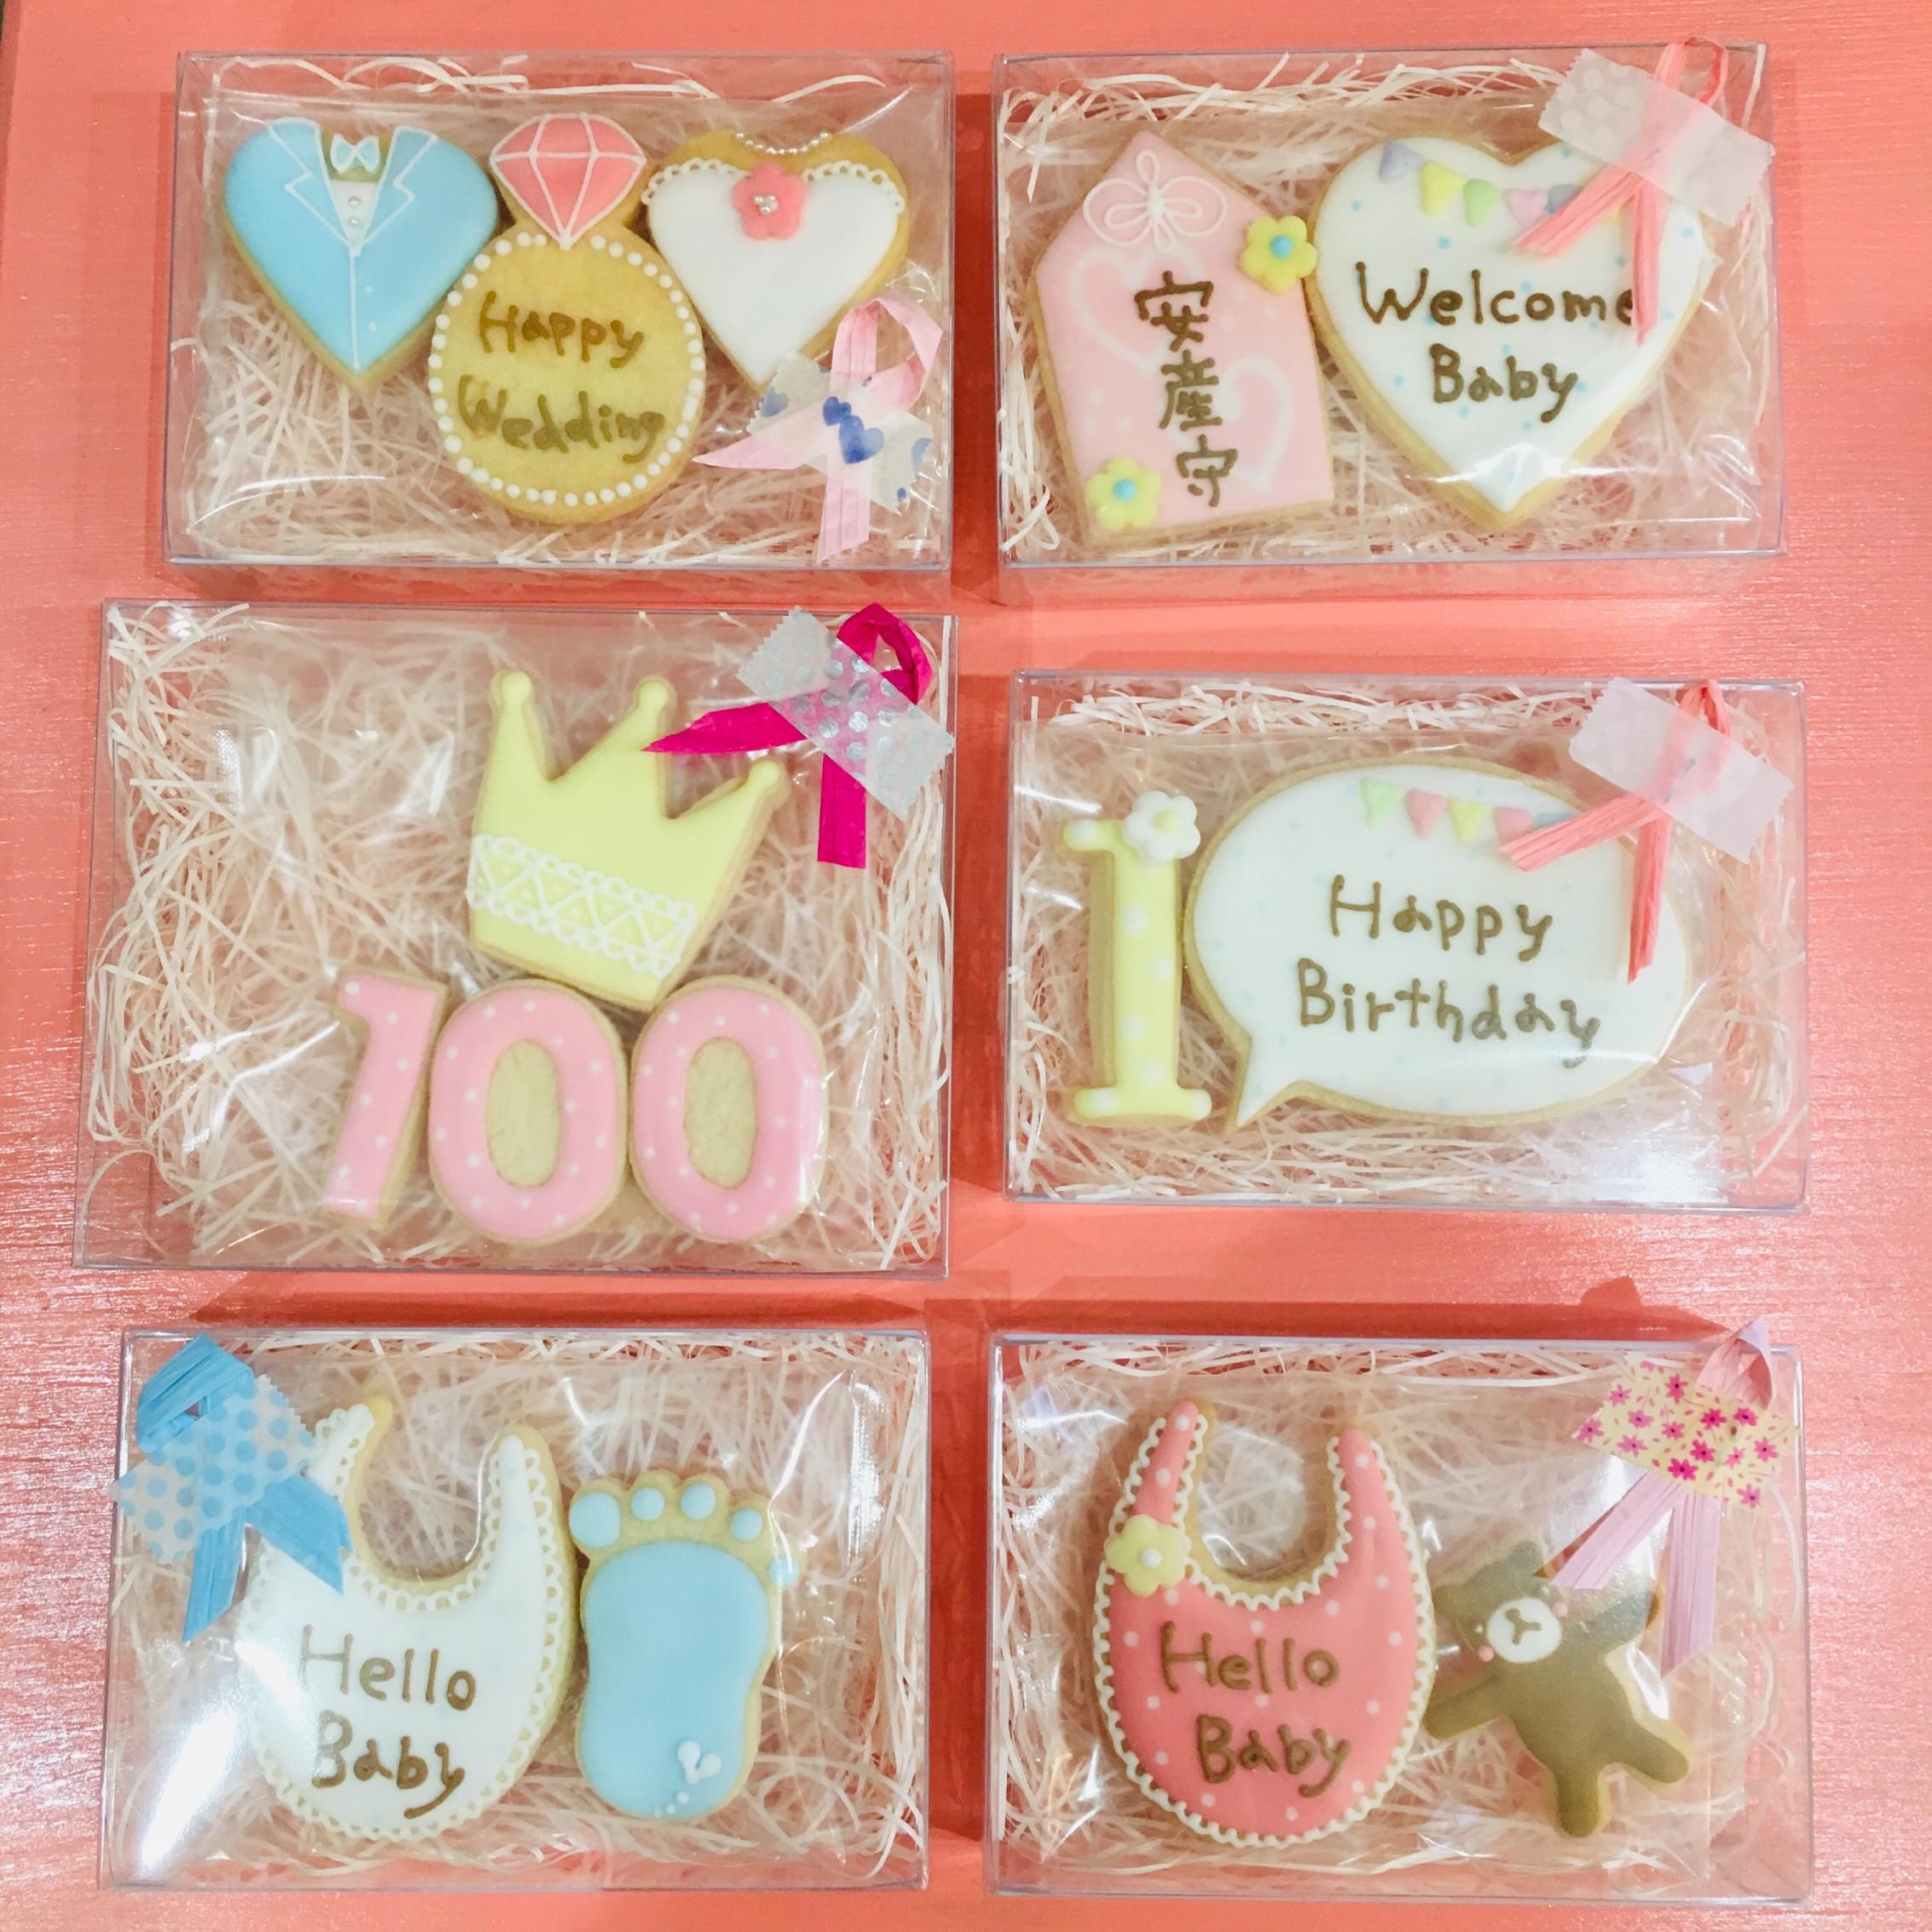 結婚祝い、安産祈願、出産祝い、100日、バースデー、など♡>